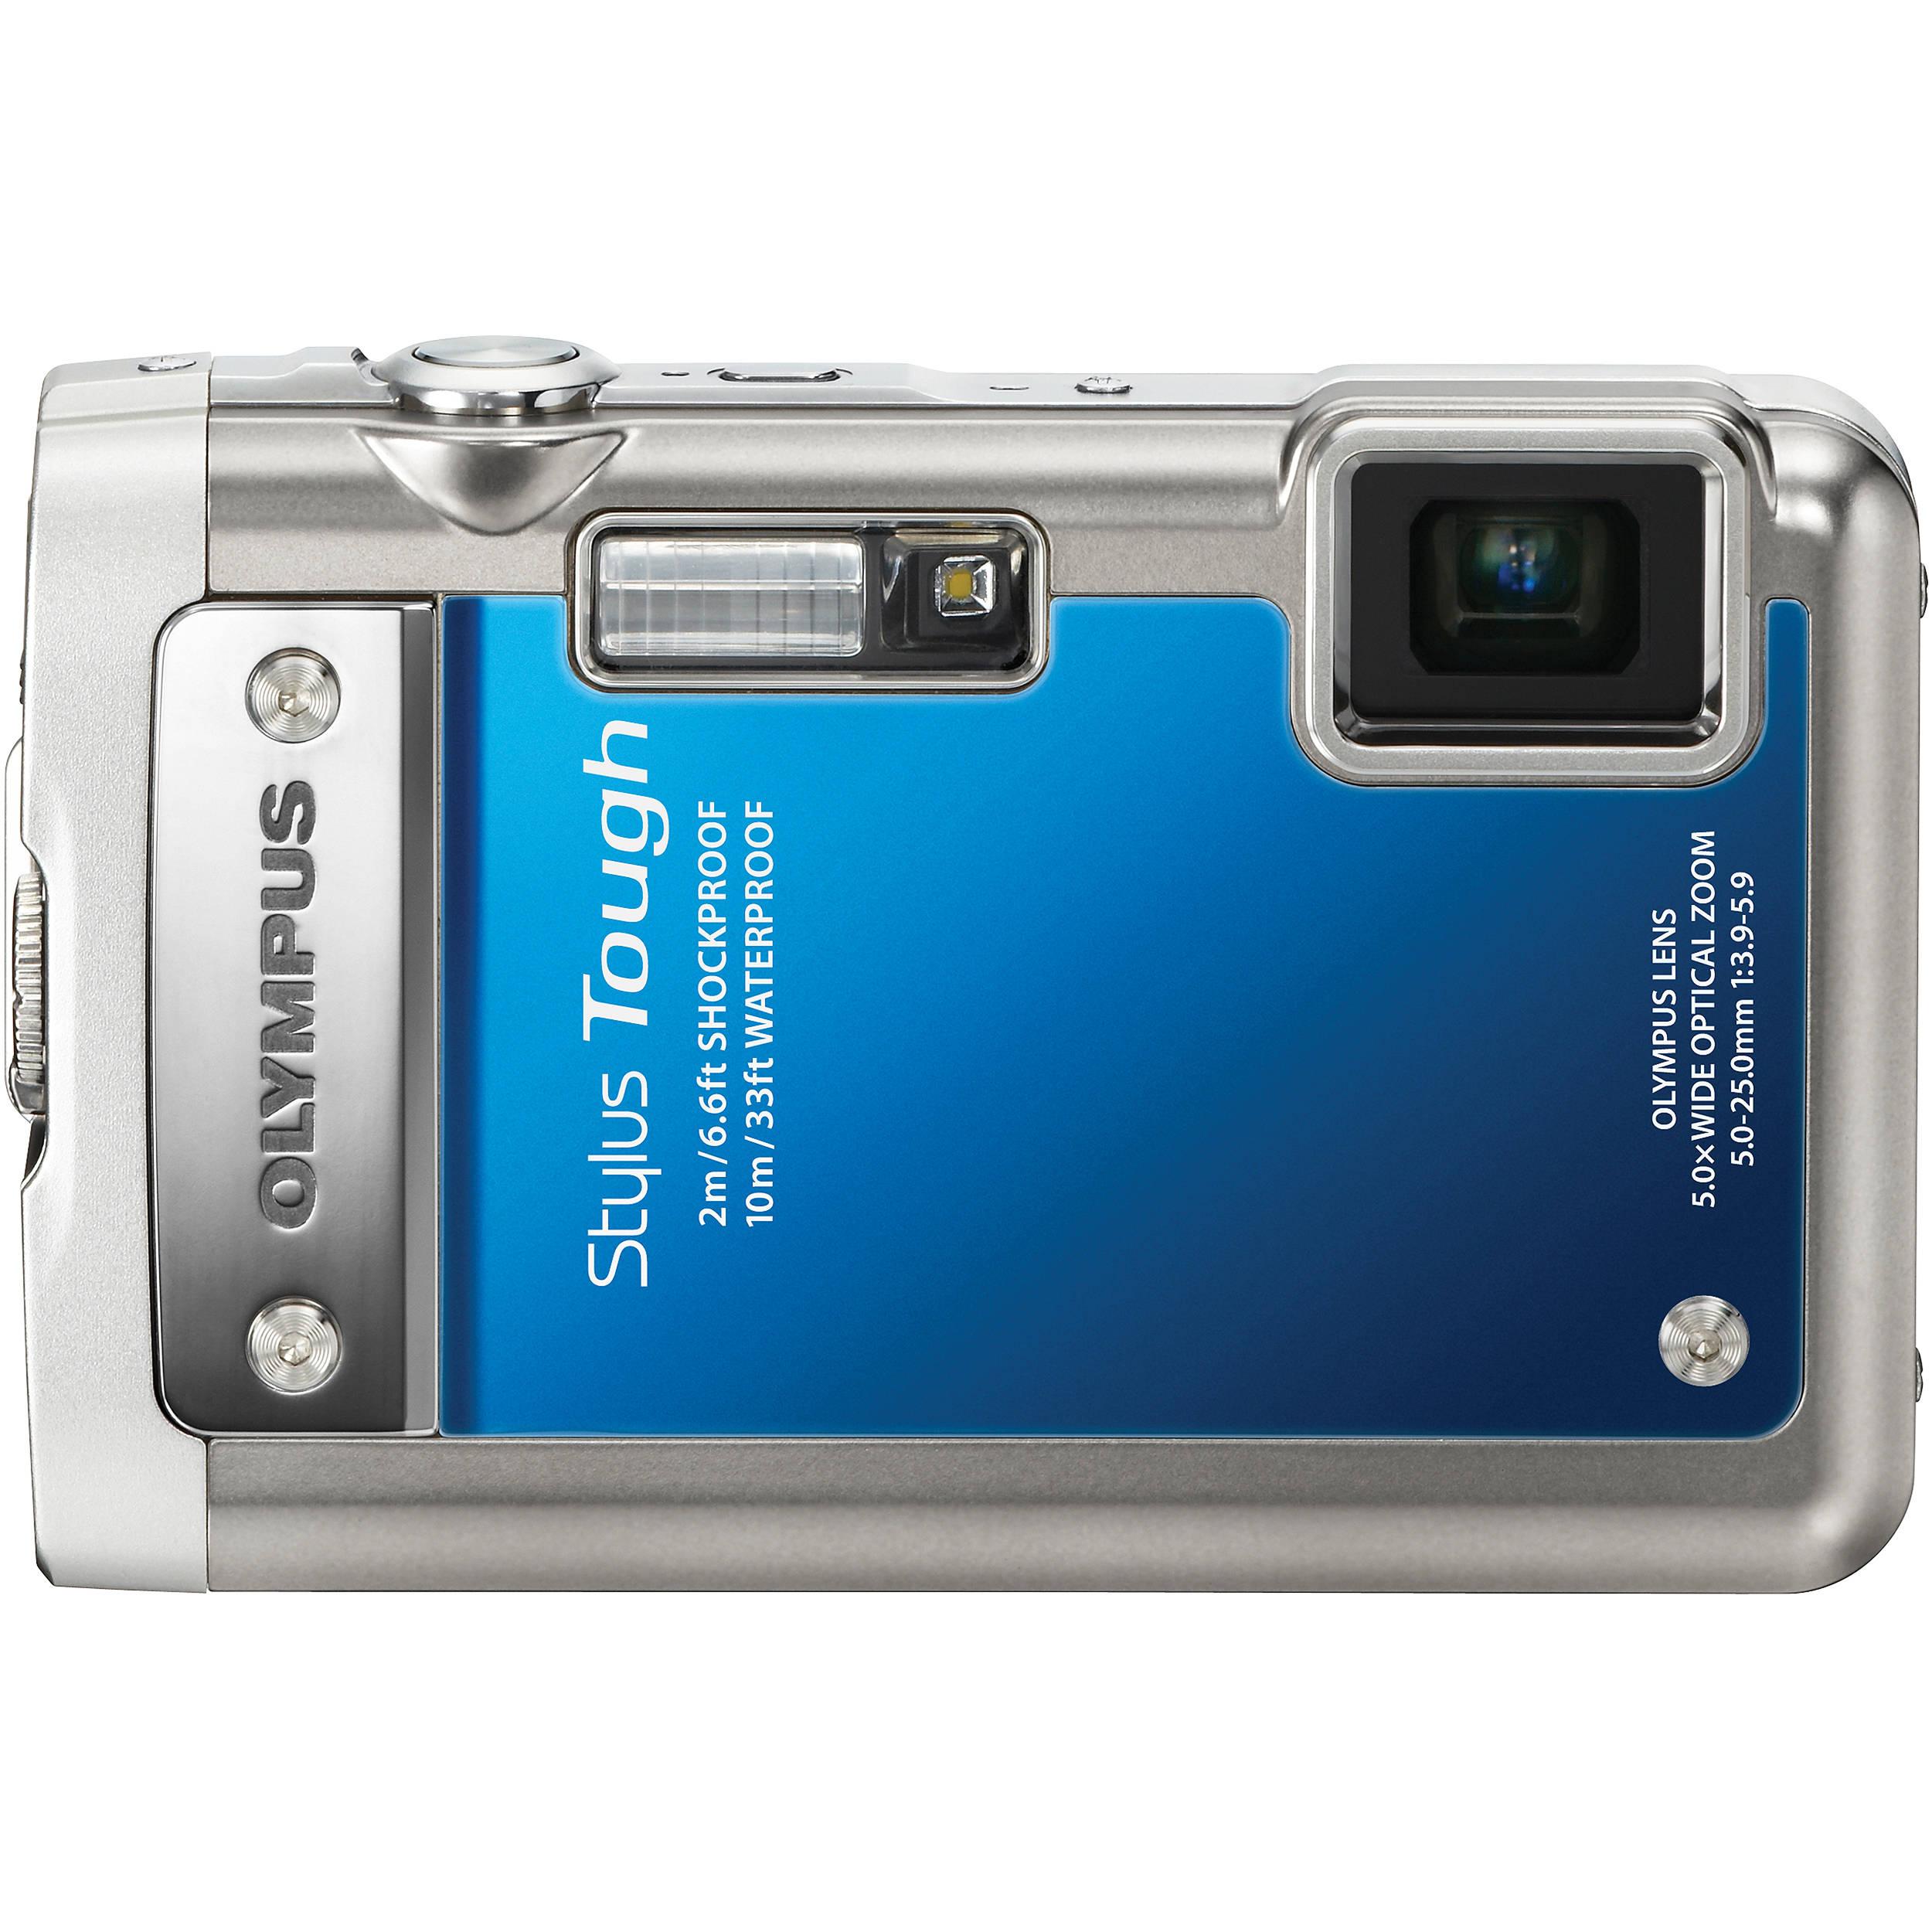 Olympus Digital Camera: Olympus Stylus Tough 8010 Digital Camera (Blue) 227780 B&H